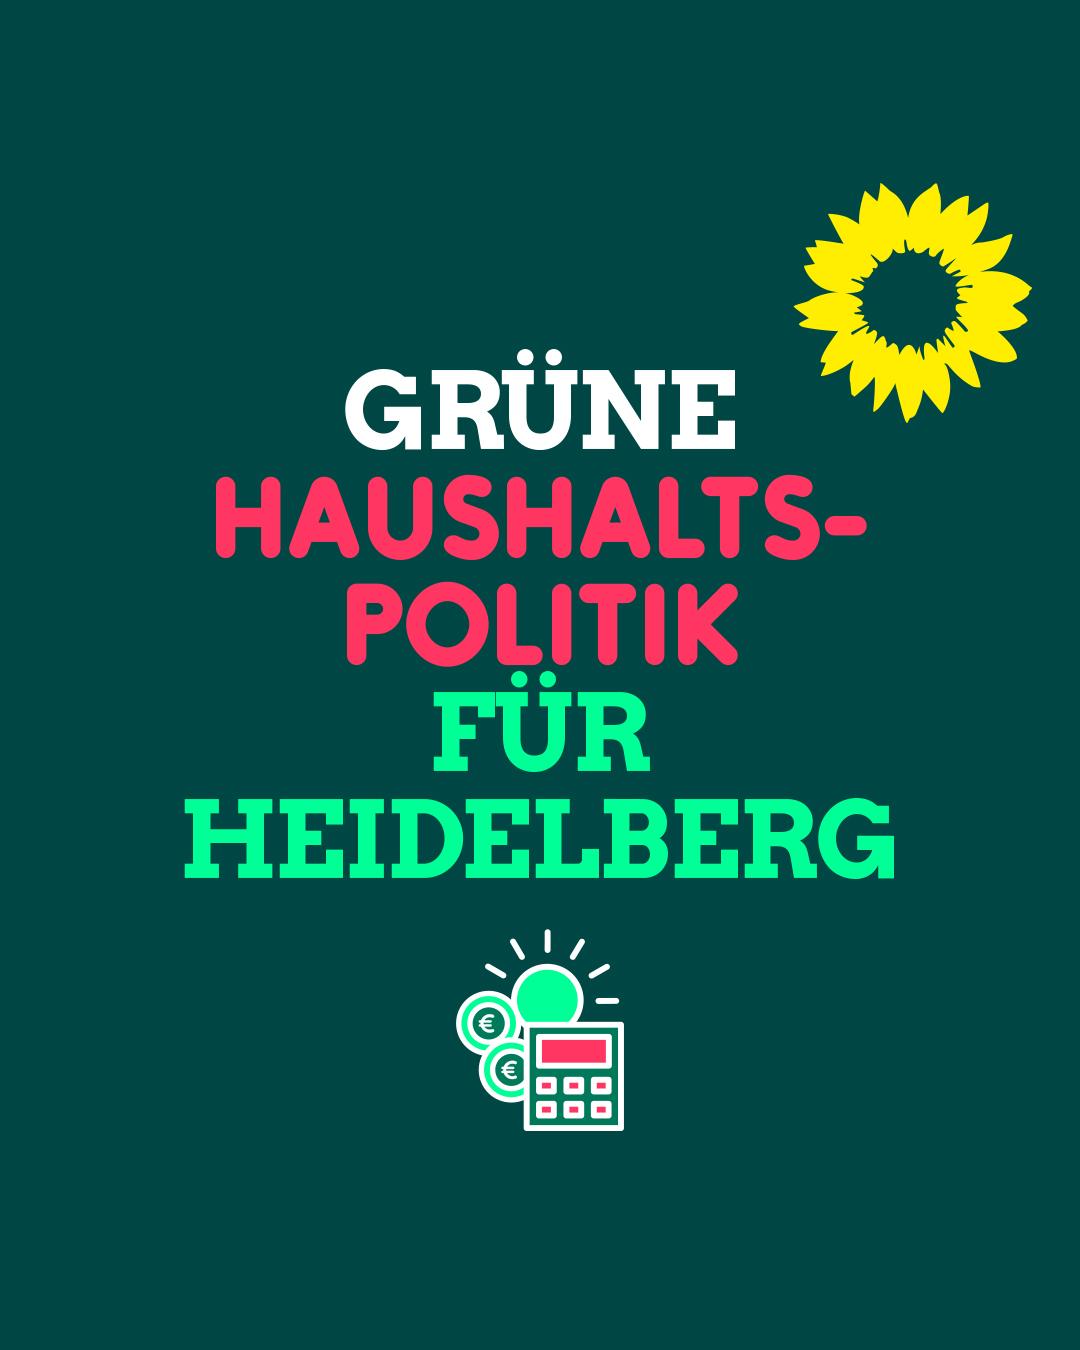 11_GRUENE-HD_Klimaschutzkampagne-2021_S-M_Klimaschutzhaushalt-10_21_05_rz